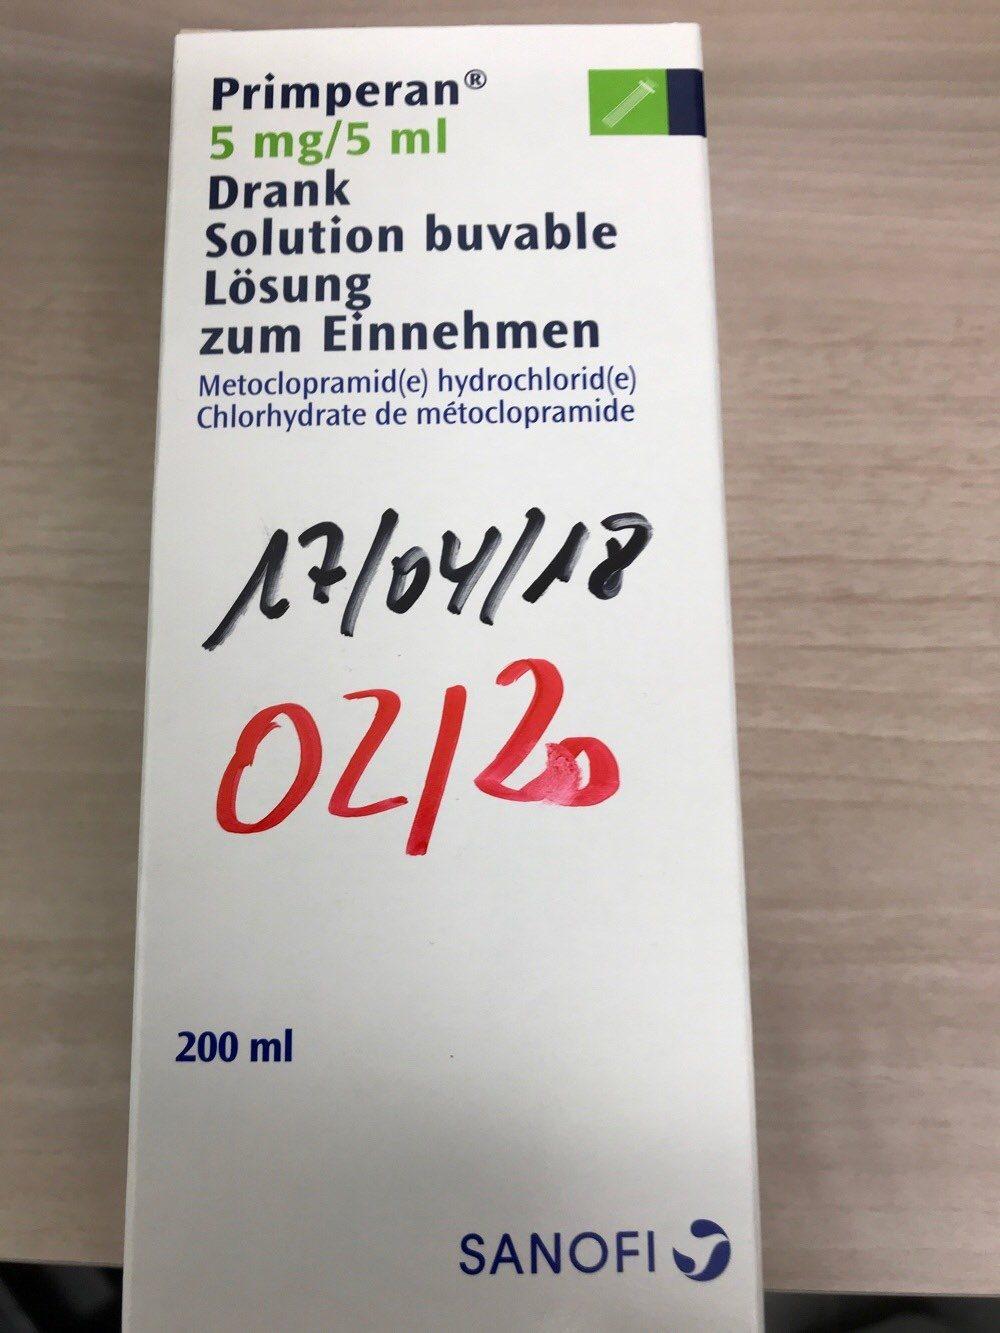 Primperan 5mg/5ml - Produit - fr